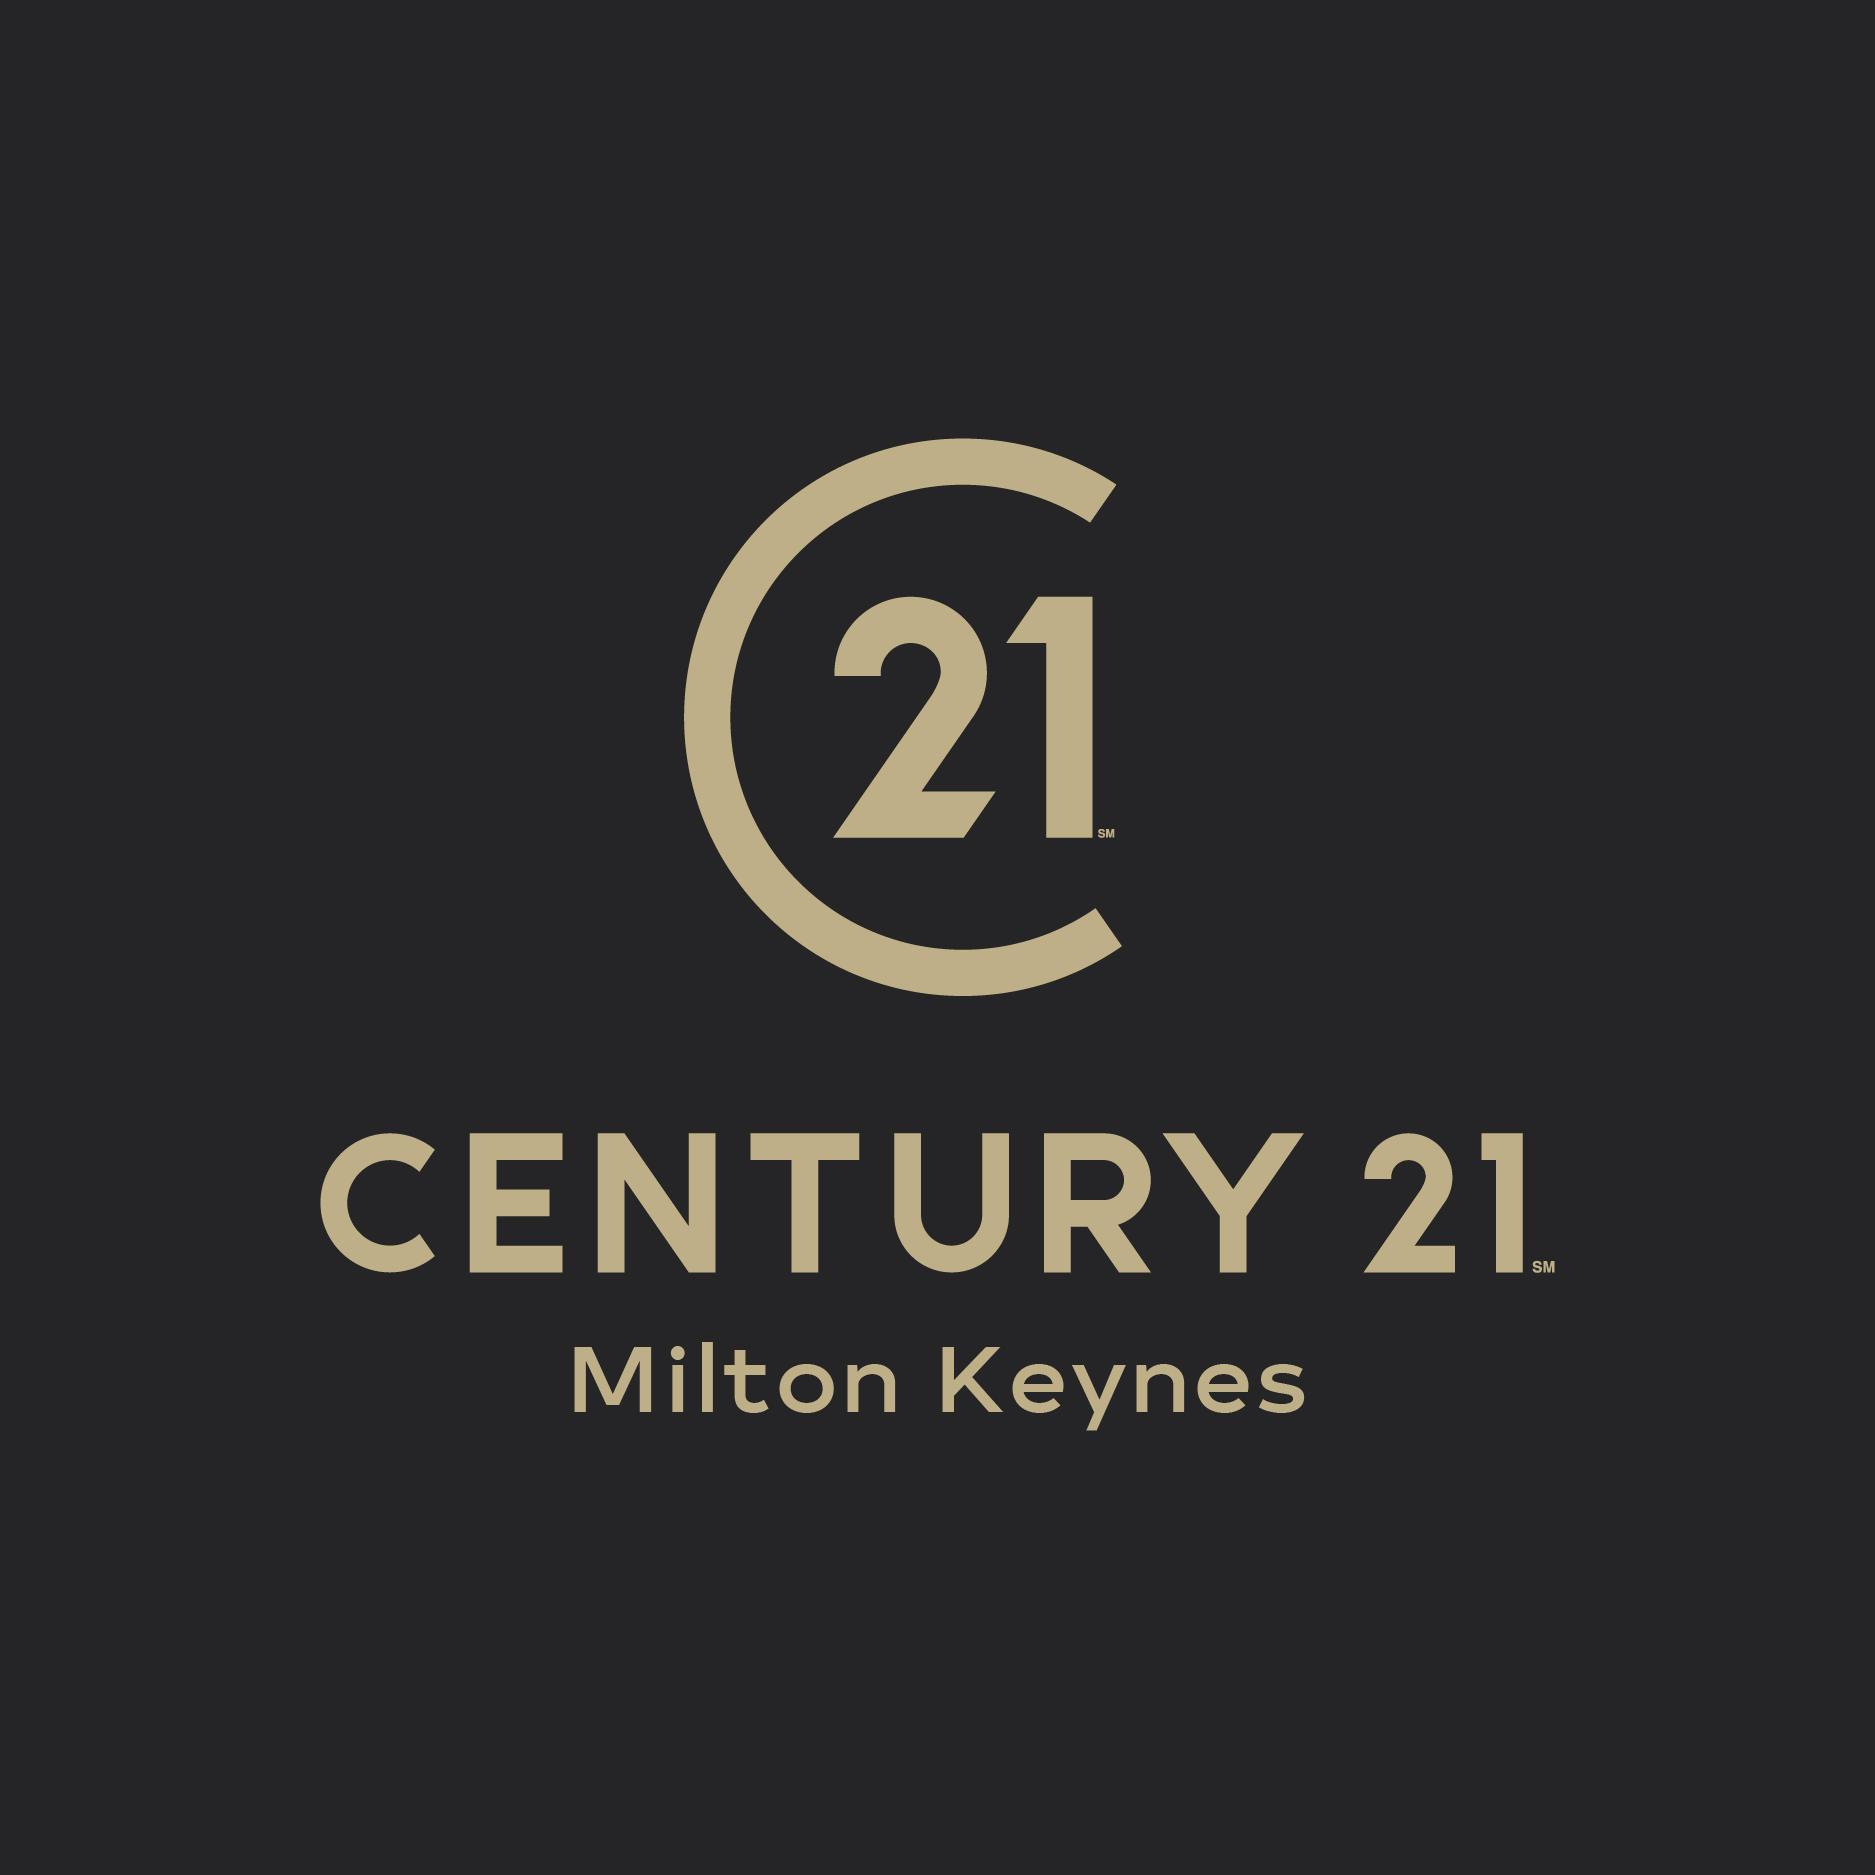 Century 21 - Milton Keynes